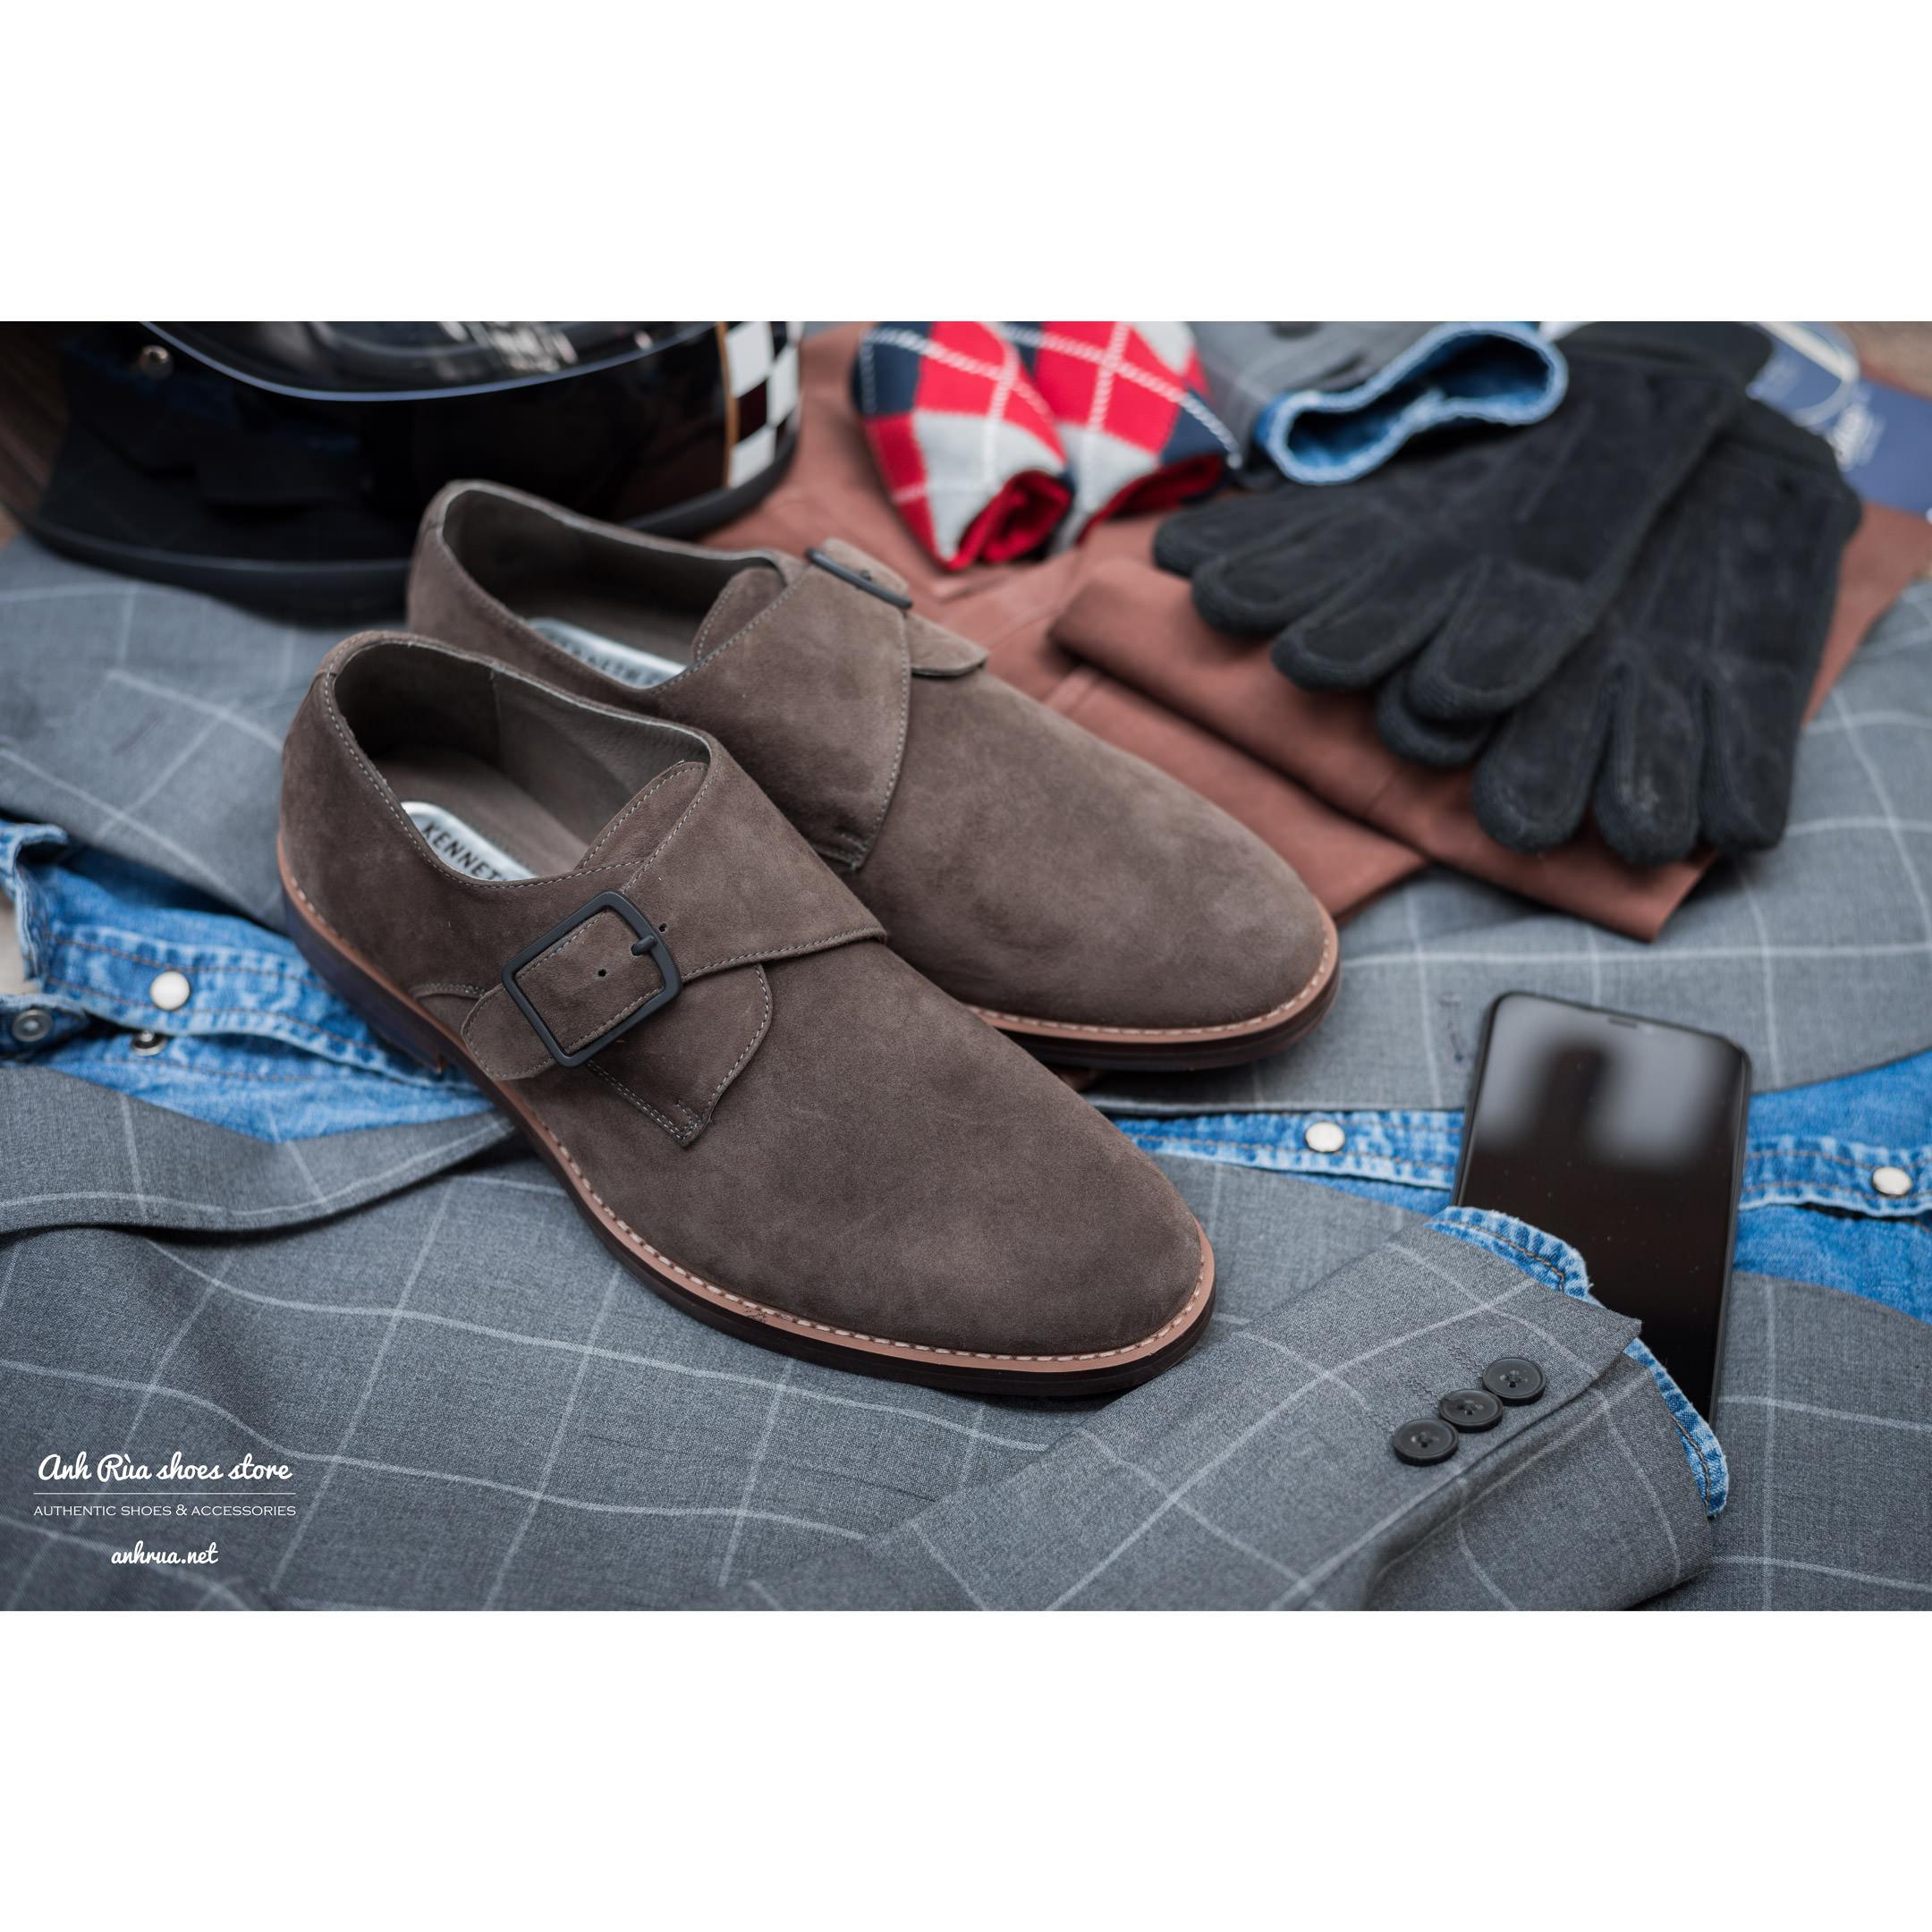 Giày Tây Nam Taupe Single Monkstrap KCNY